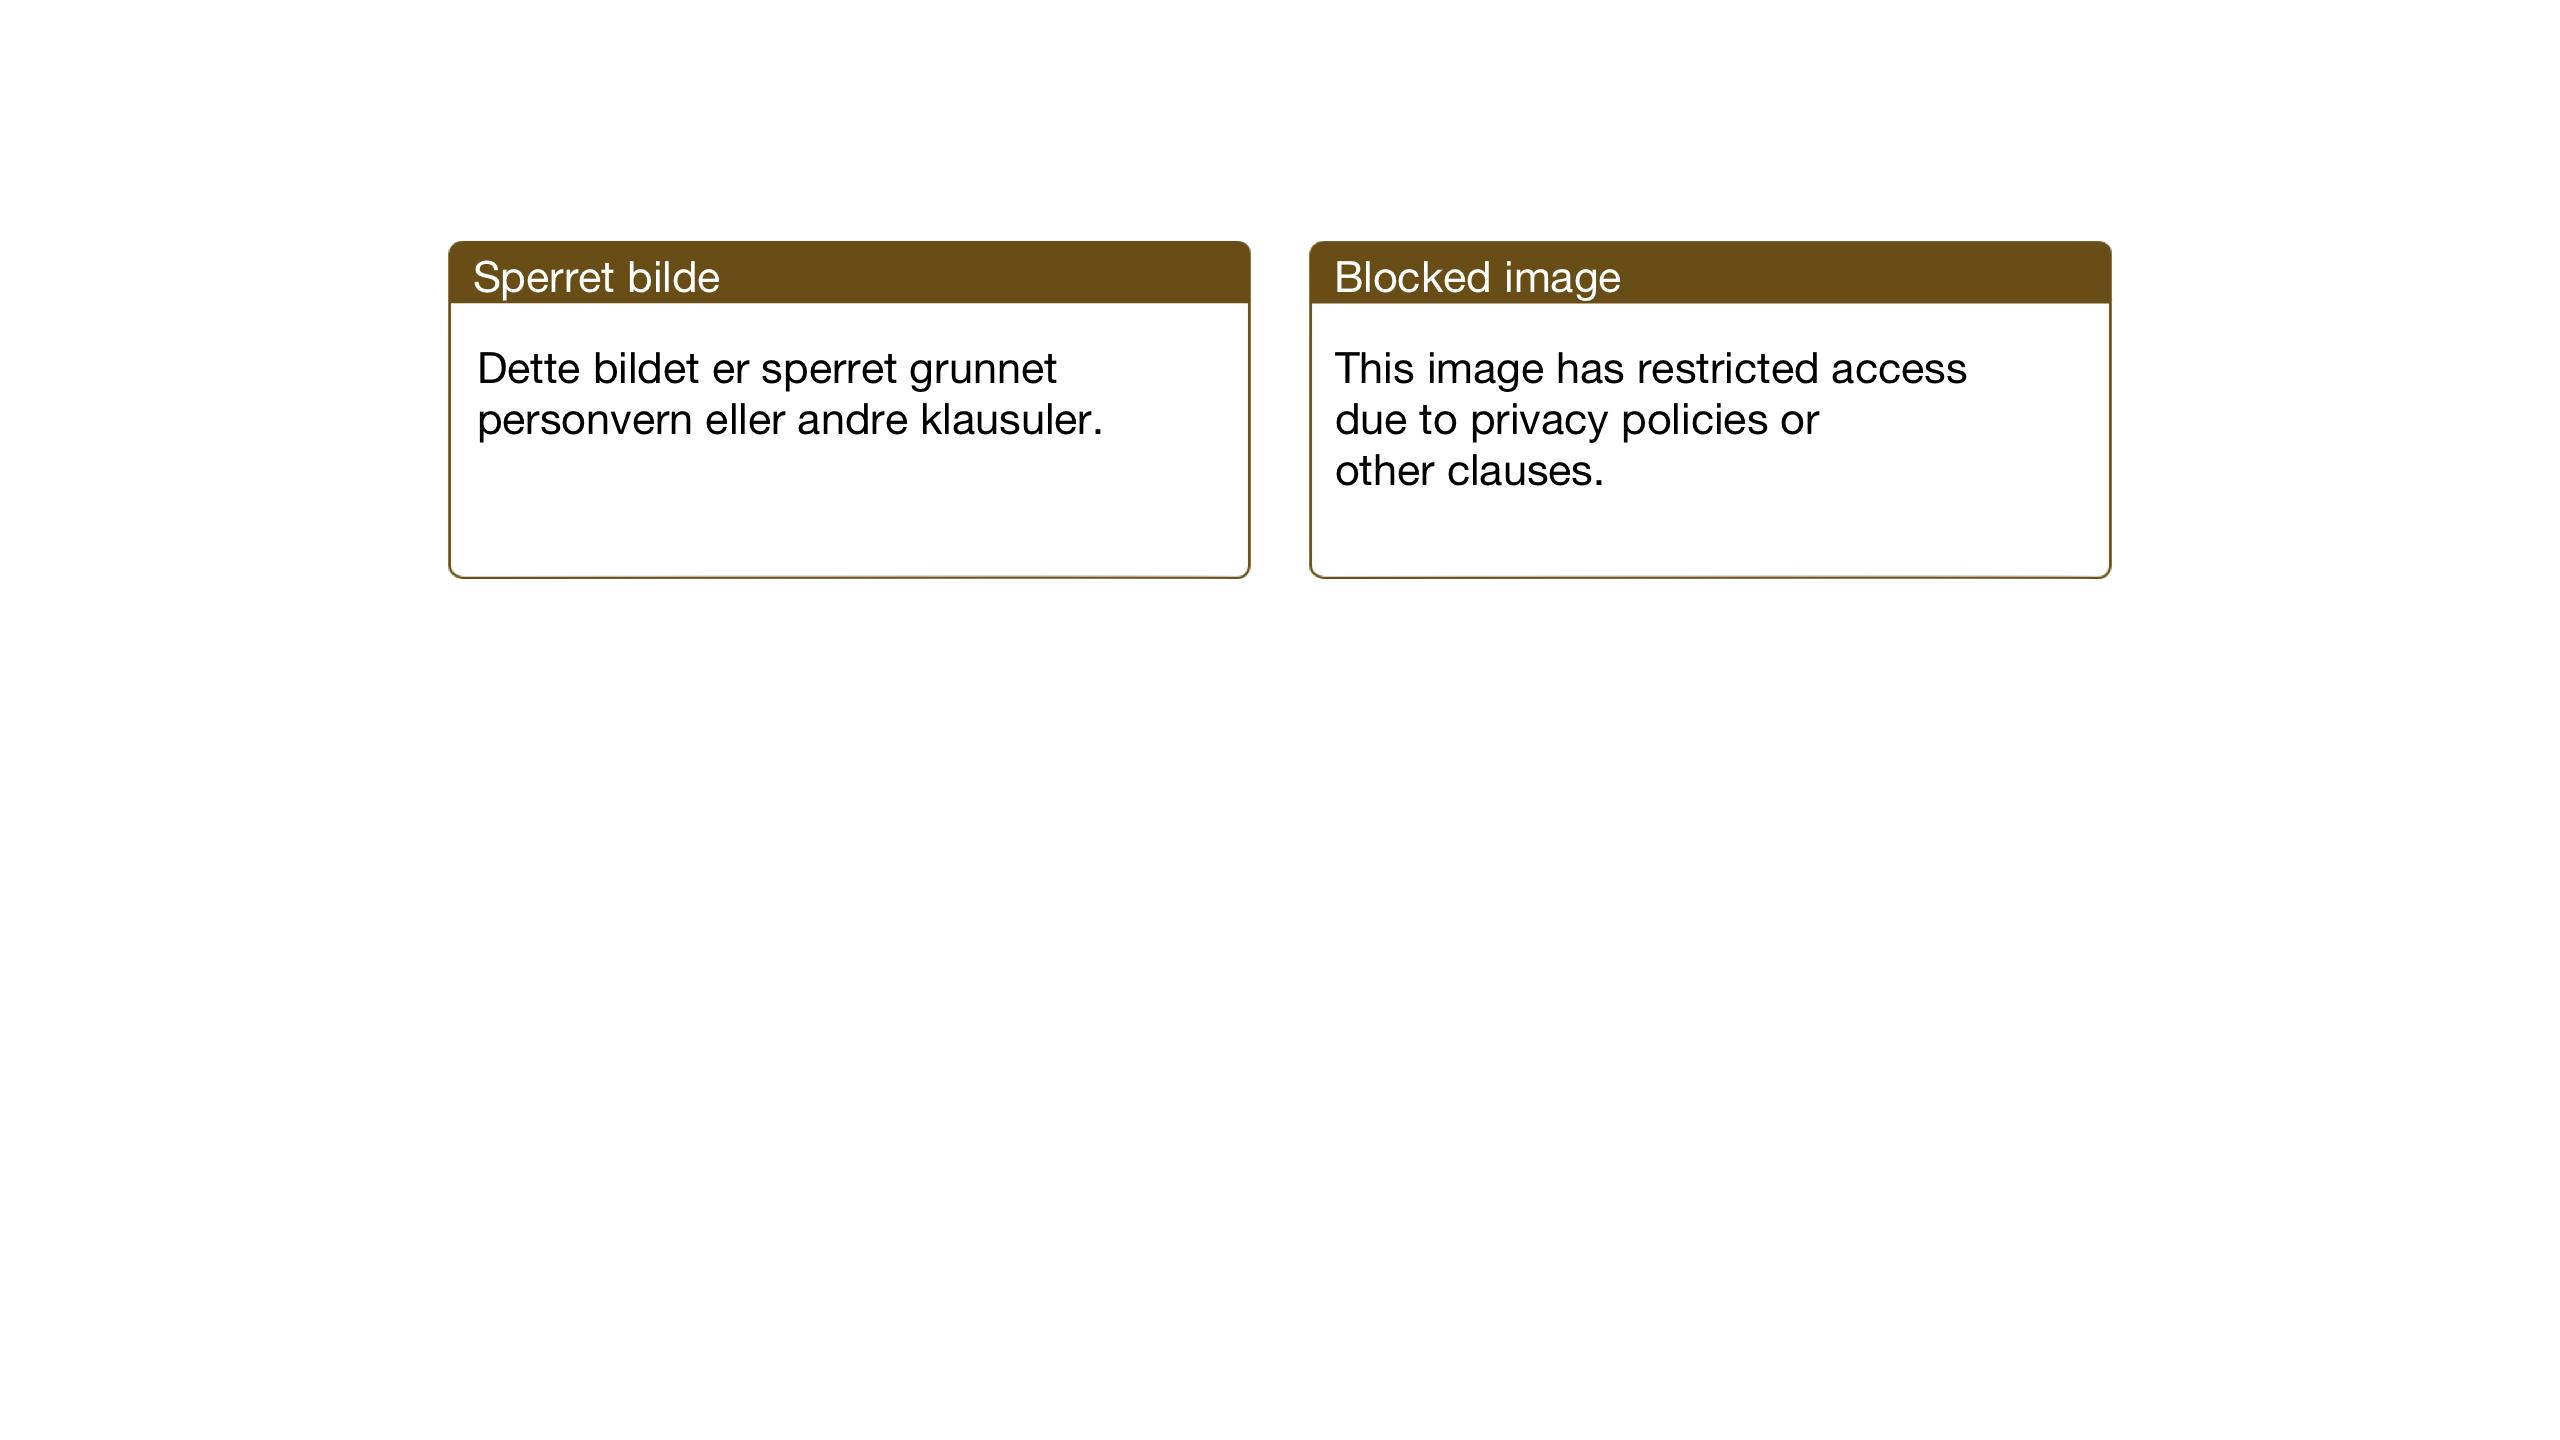 SAT, Ministerialprotokoller, klokkerbøker og fødselsregistre - Sør-Trøndelag, 605/L0264: Klokkerbok nr. 605C11, 1942-1949, s. 60